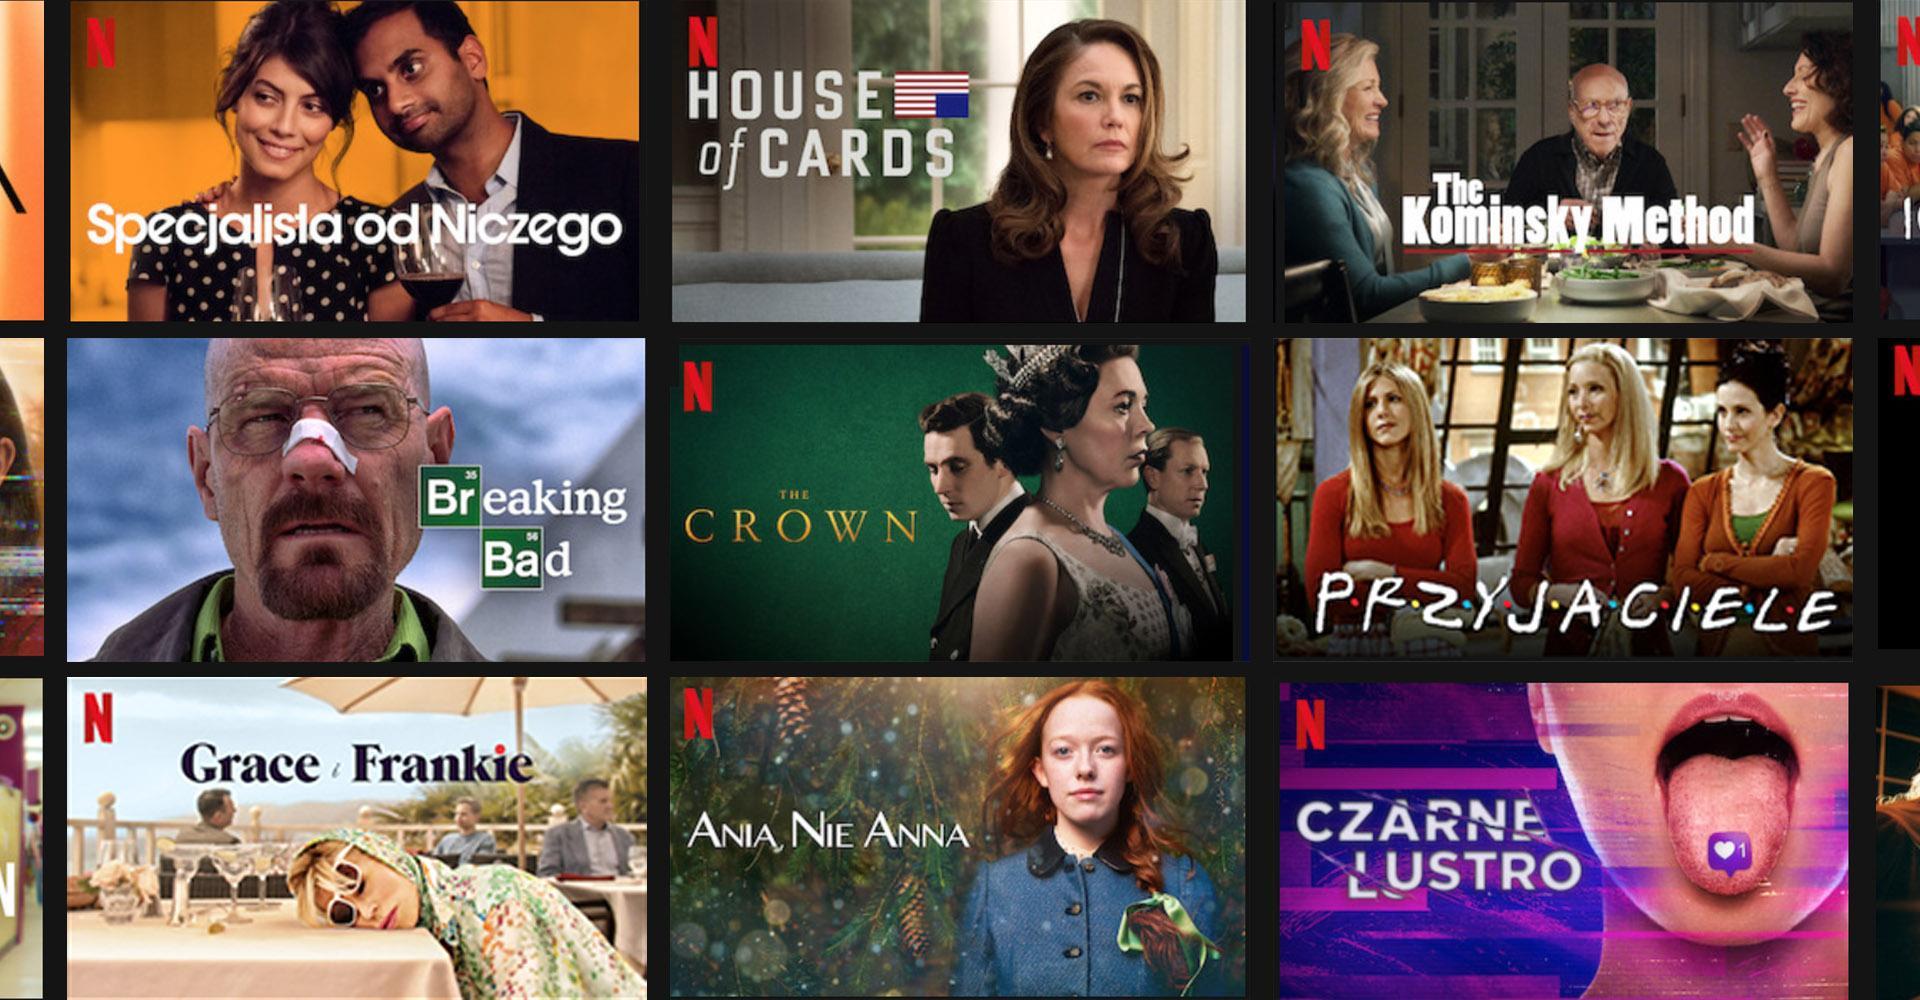 Najlepsze seriale Netflix - obejrzyj najlepsze seriale komediowe, kryminalne i historyczne.